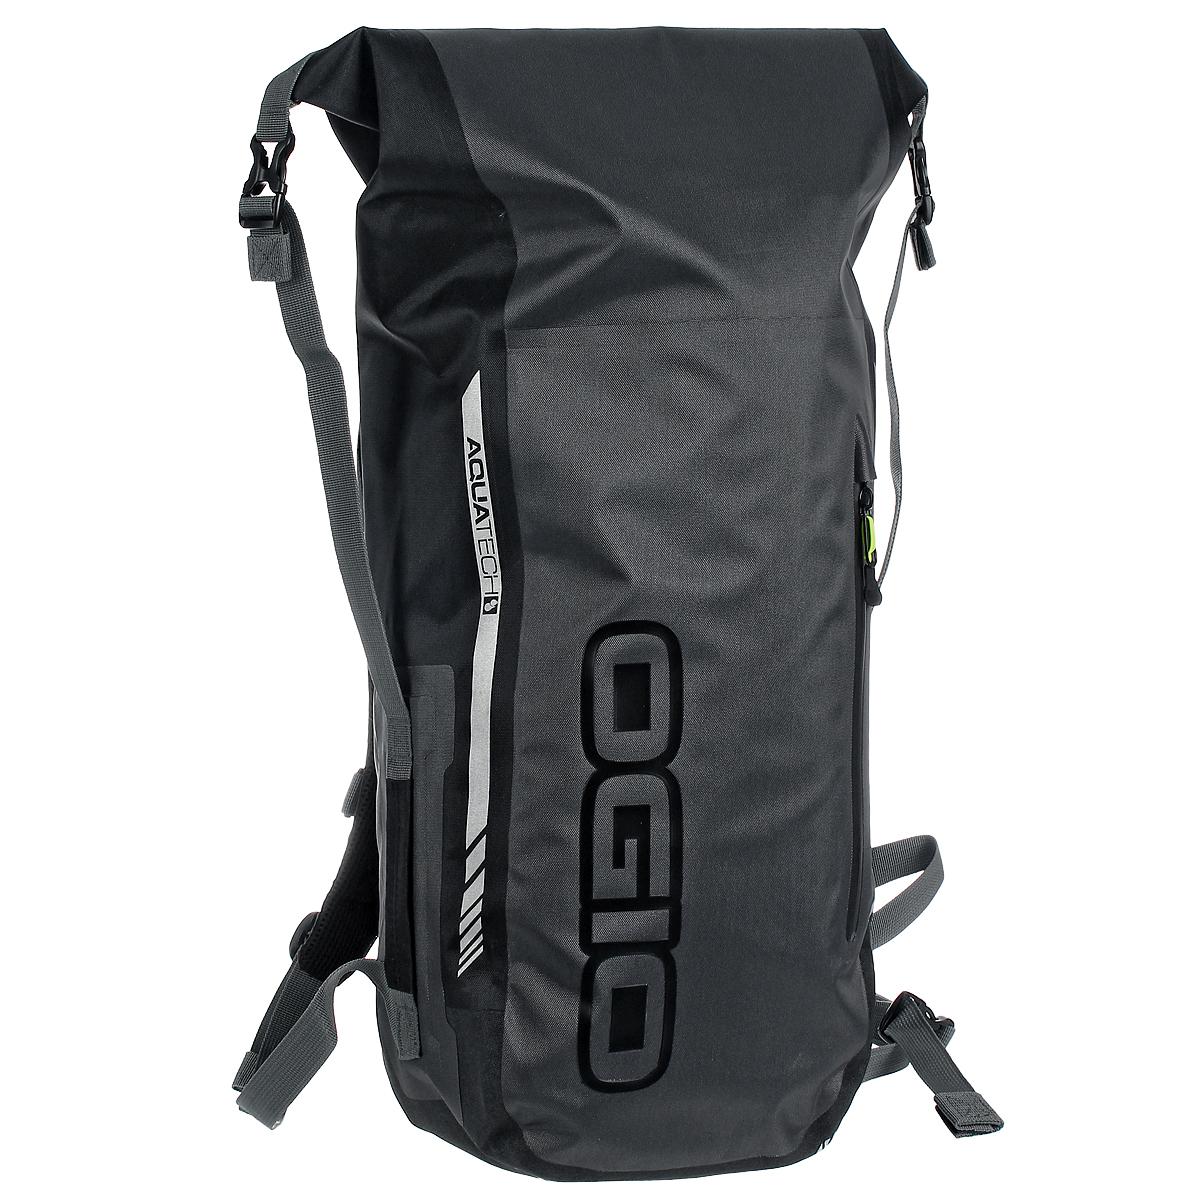 Рюкзак водонепроницаемый Ogio All Elements Pack Stealth, цвет: черный